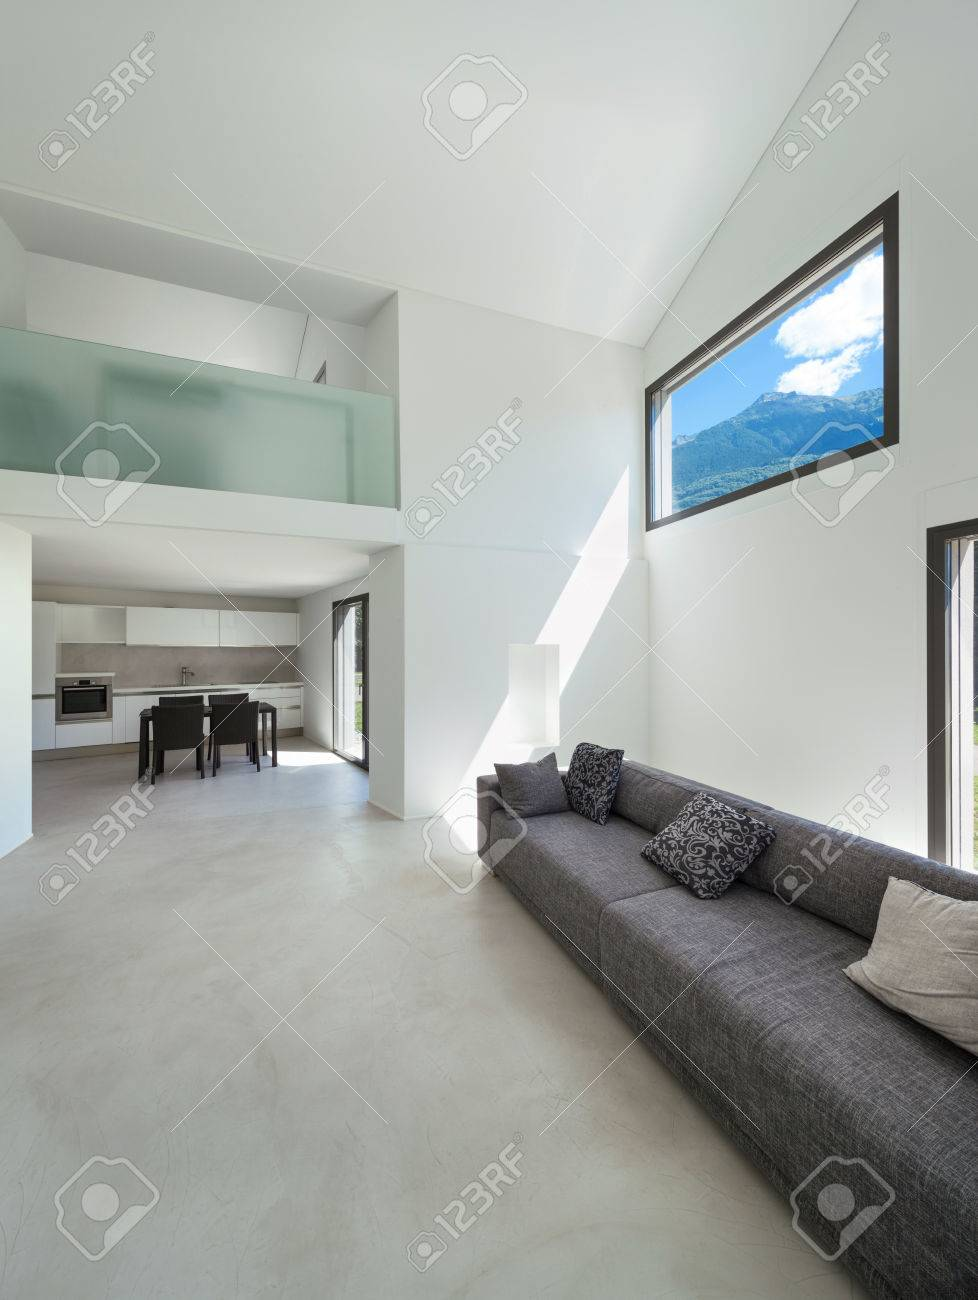 Stunning Divano Soggiorno Contemporary - Idee Arredamento Casa ...